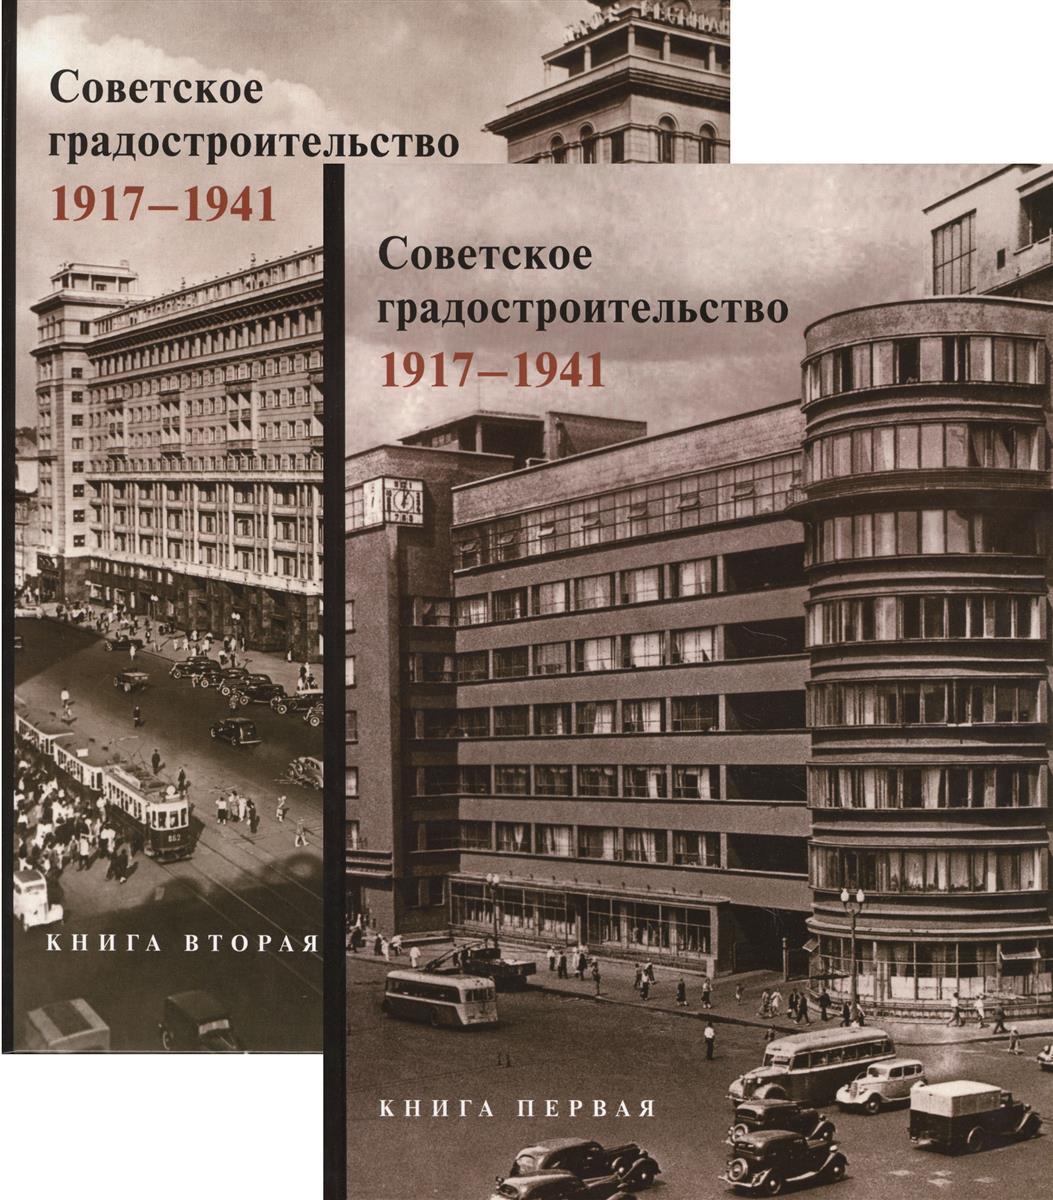 Советское градостроительство. 1917-1941. В двух книгах (комплект из 2 книг)